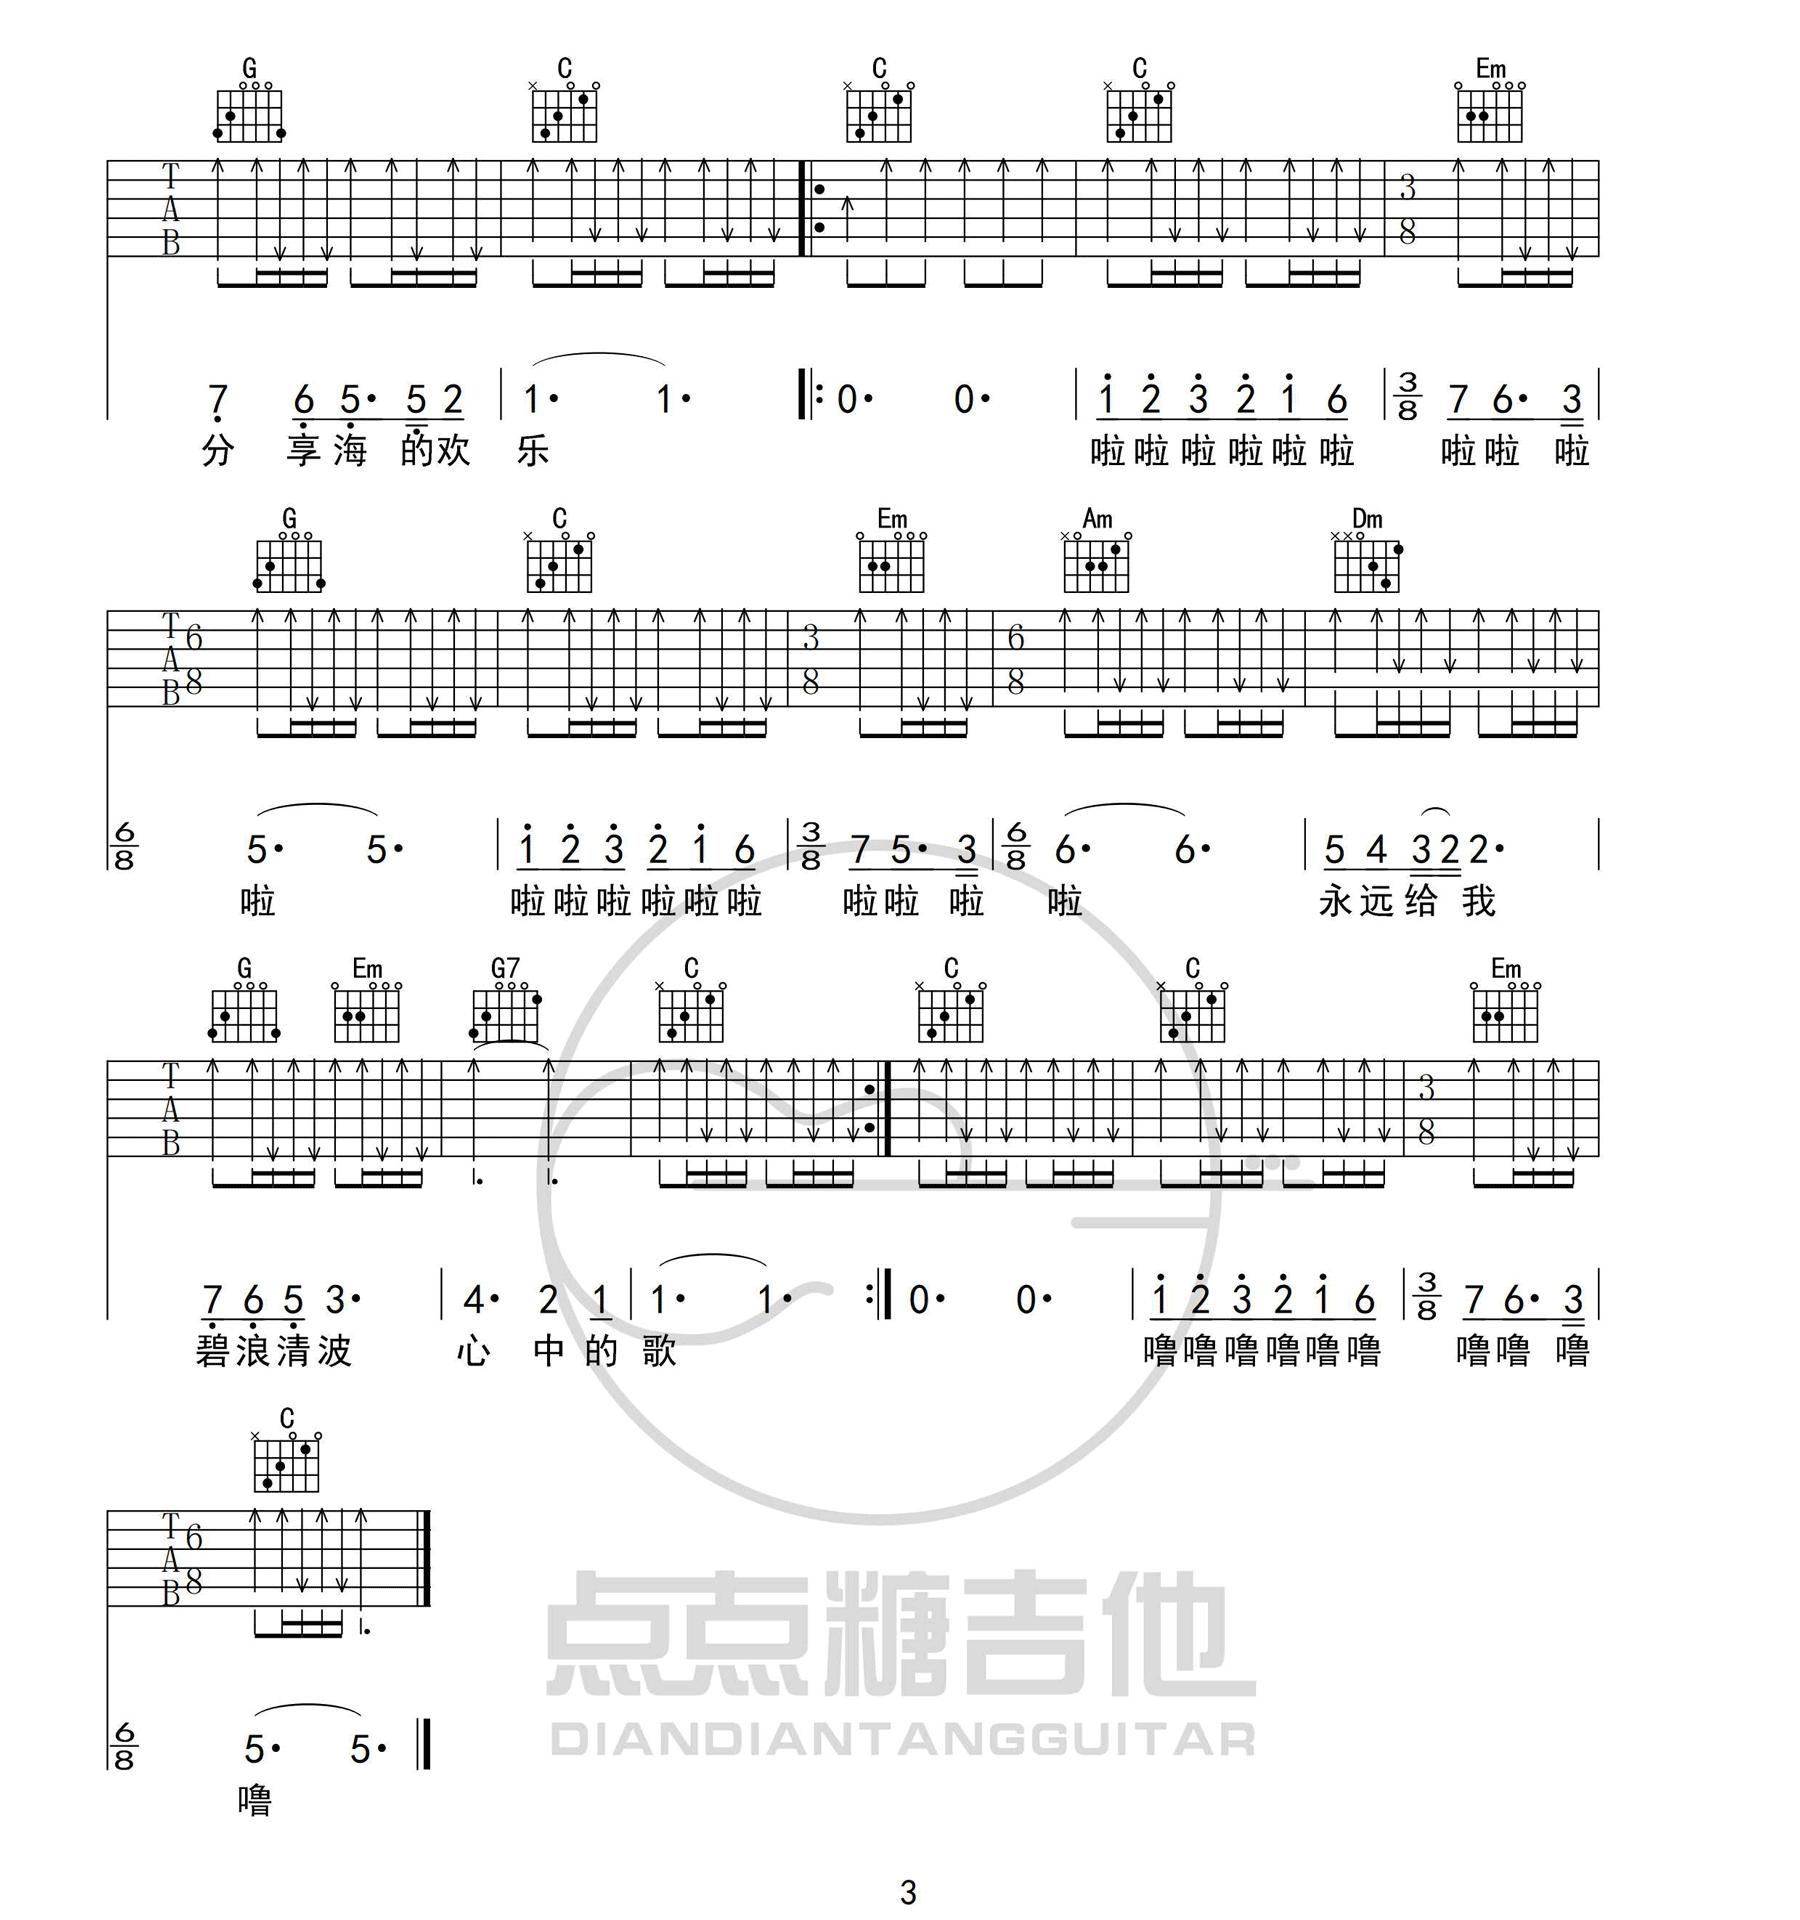 《我和我的祖国》吉他谱_王菲_C调原版弹唱六线谱_高清图片谱3